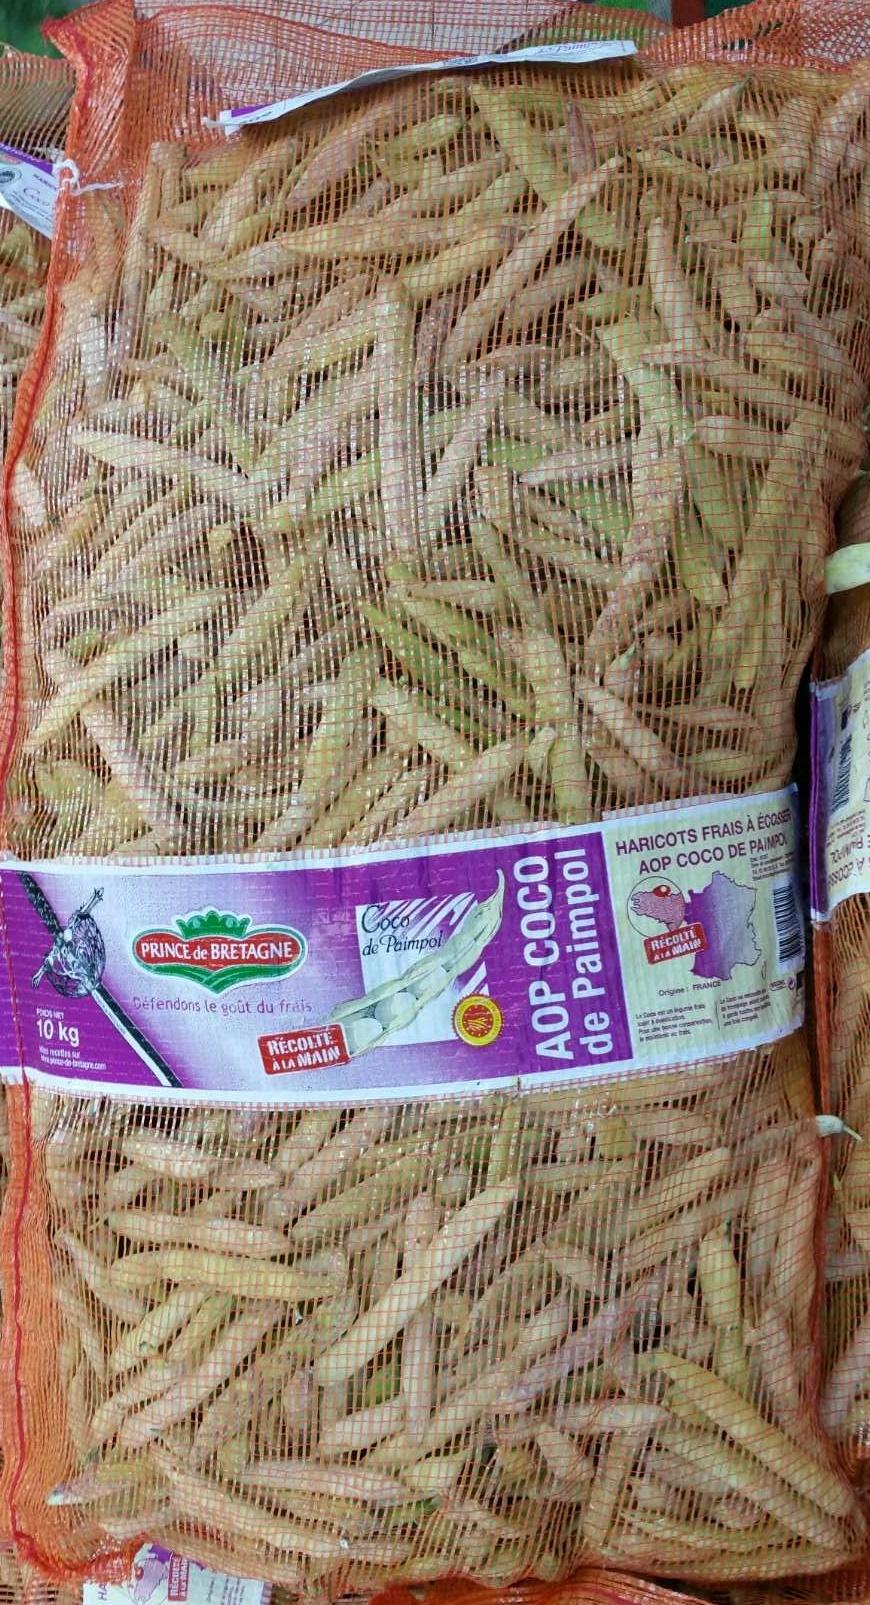 Coco de paimpol prince de bretagne 10 kg - Cuisiner les cocos de paimpol ...